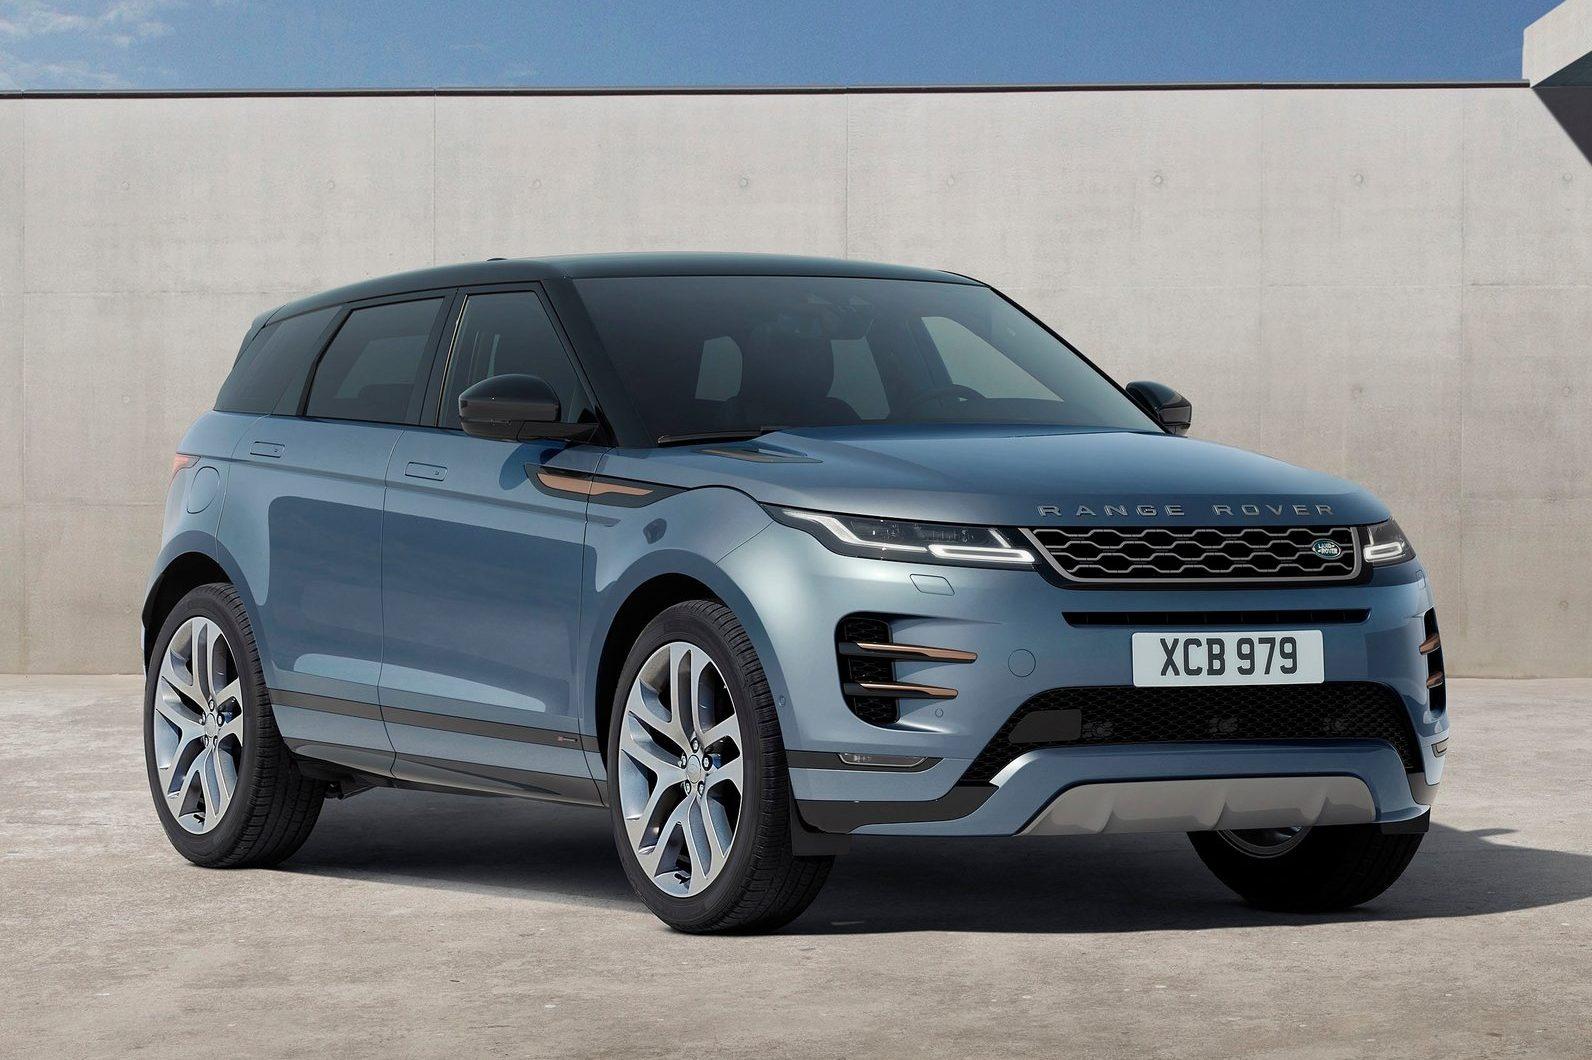 Nova Geracao Do Range Rover Evoque E Apresentada Oficialmente Quatro Rodas